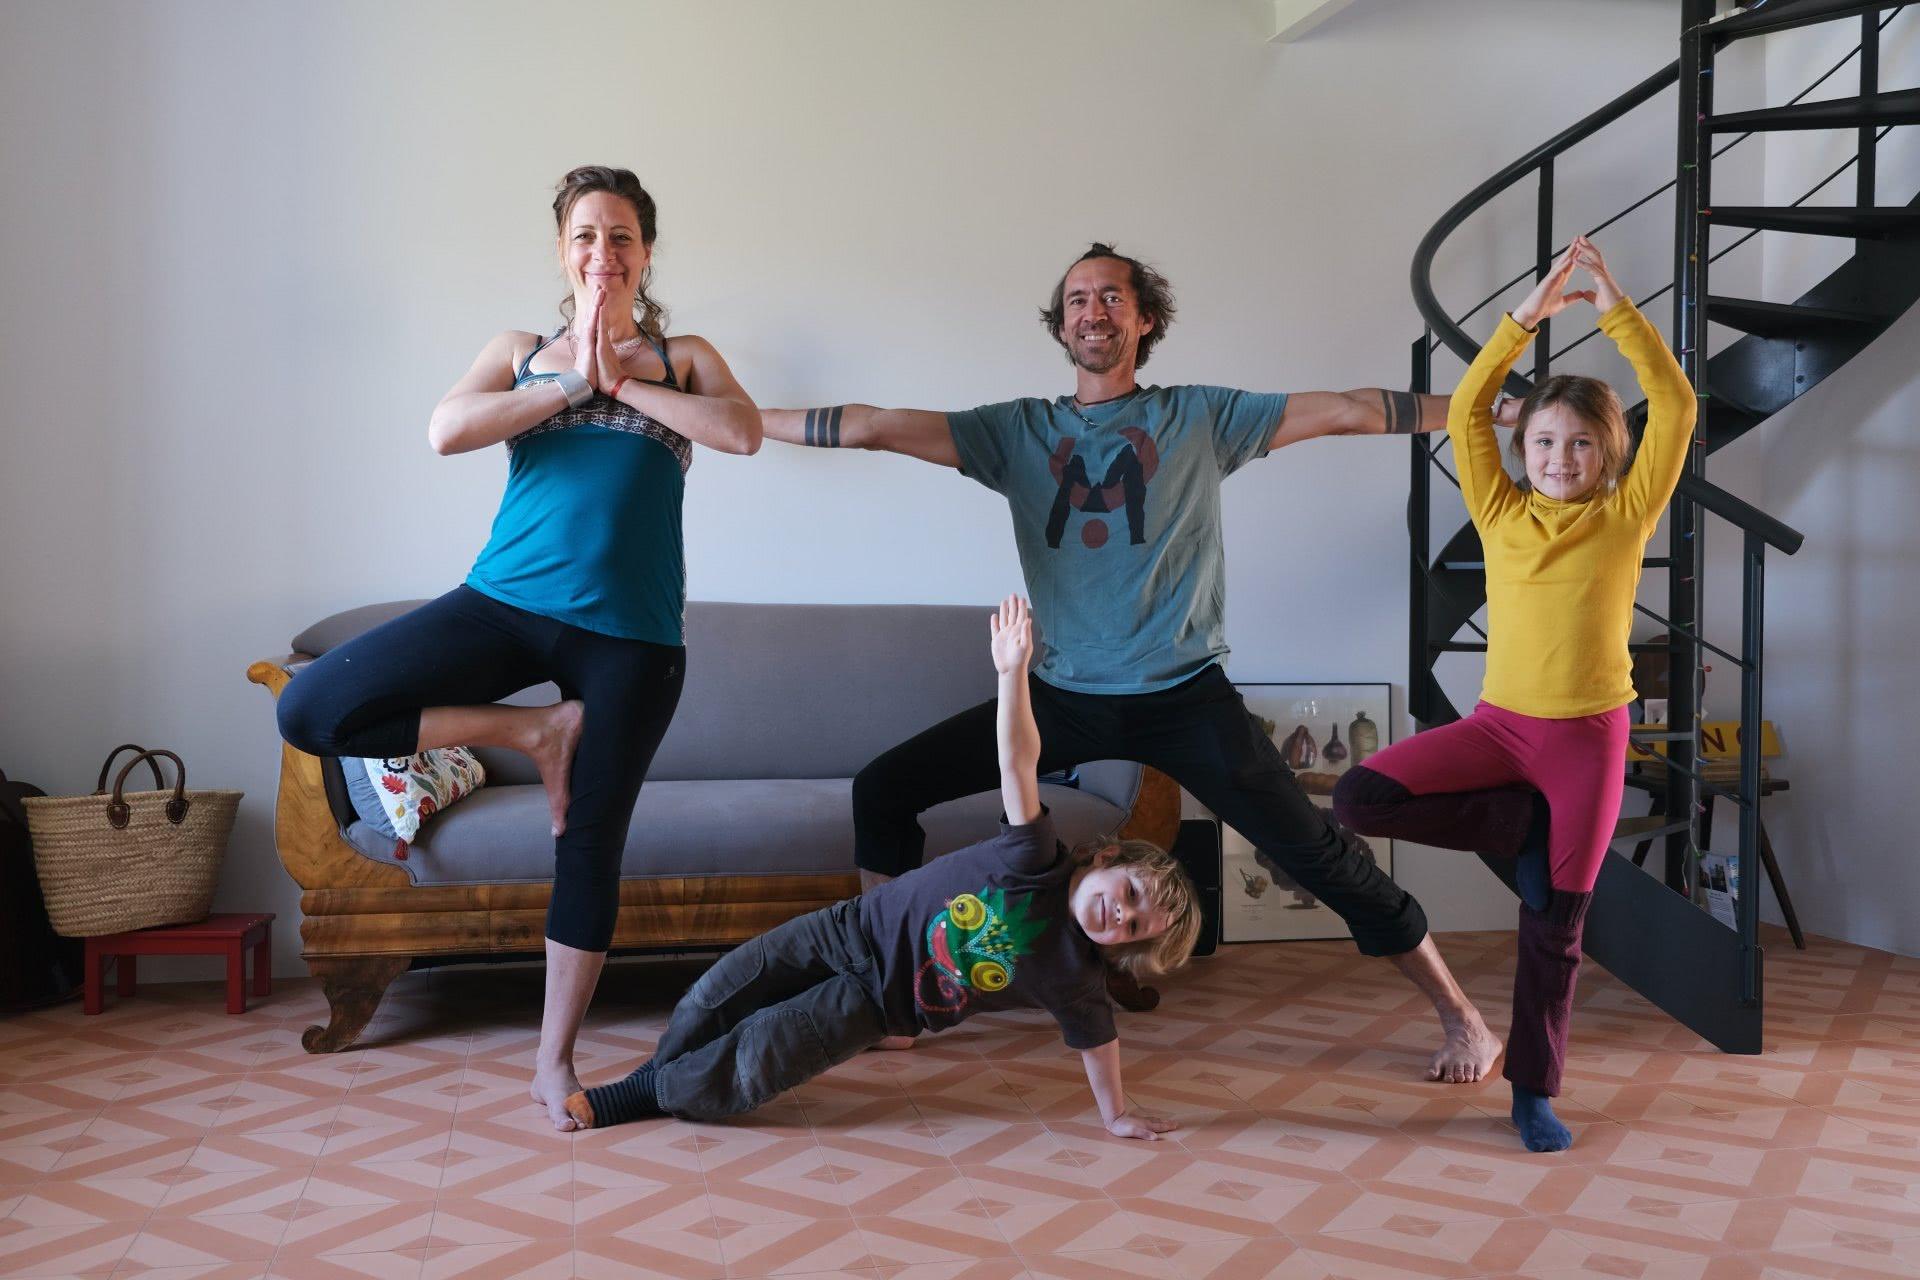 Familie bei verschiedenen Yoga-Stellungen.